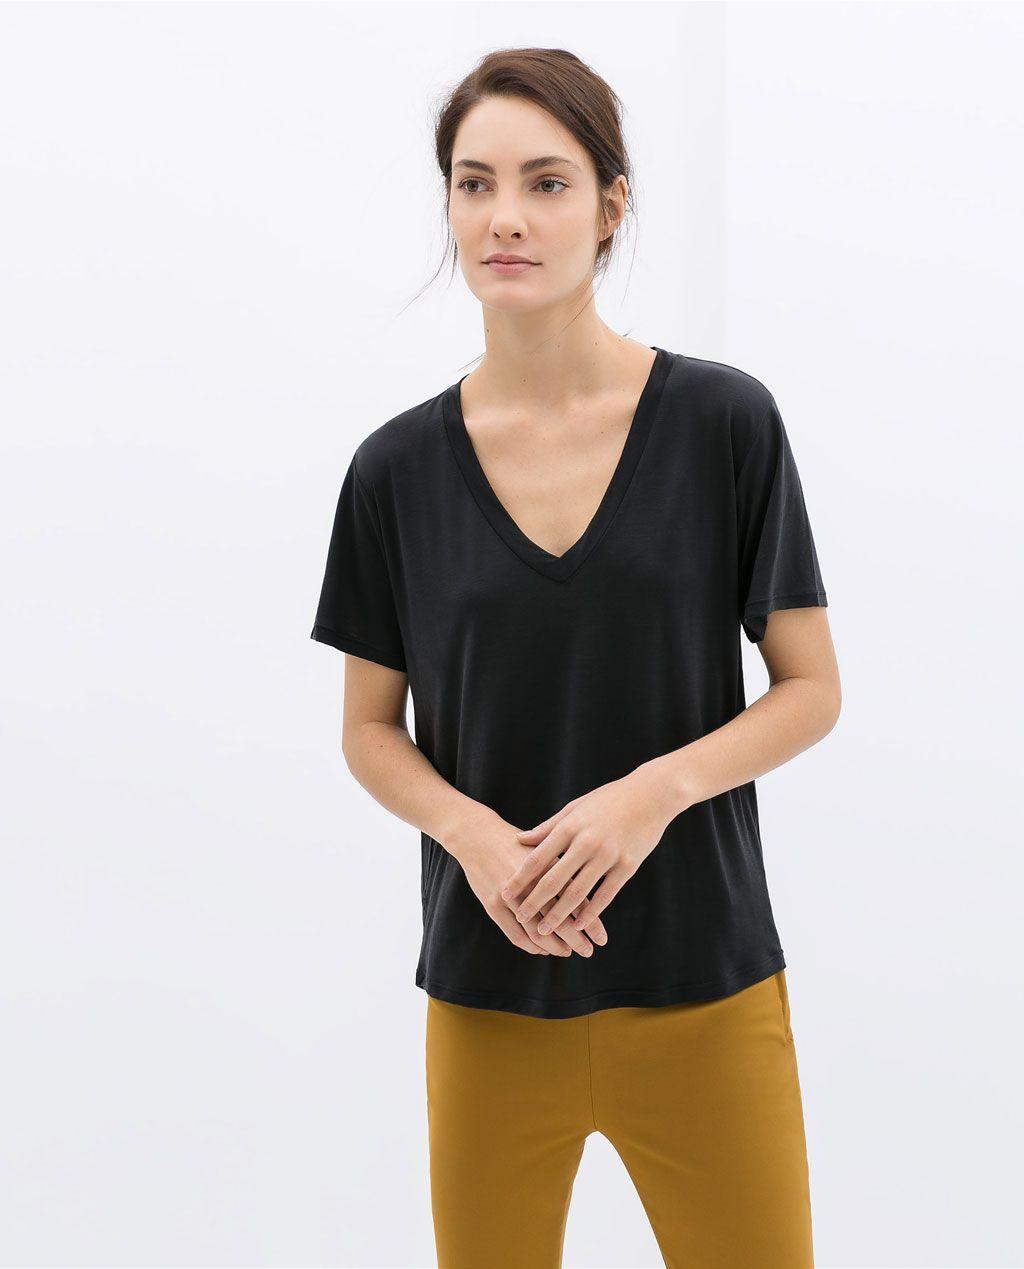 CAMISETA CUELLO PICO de Zara 5618034 | Zara, Zara women, V